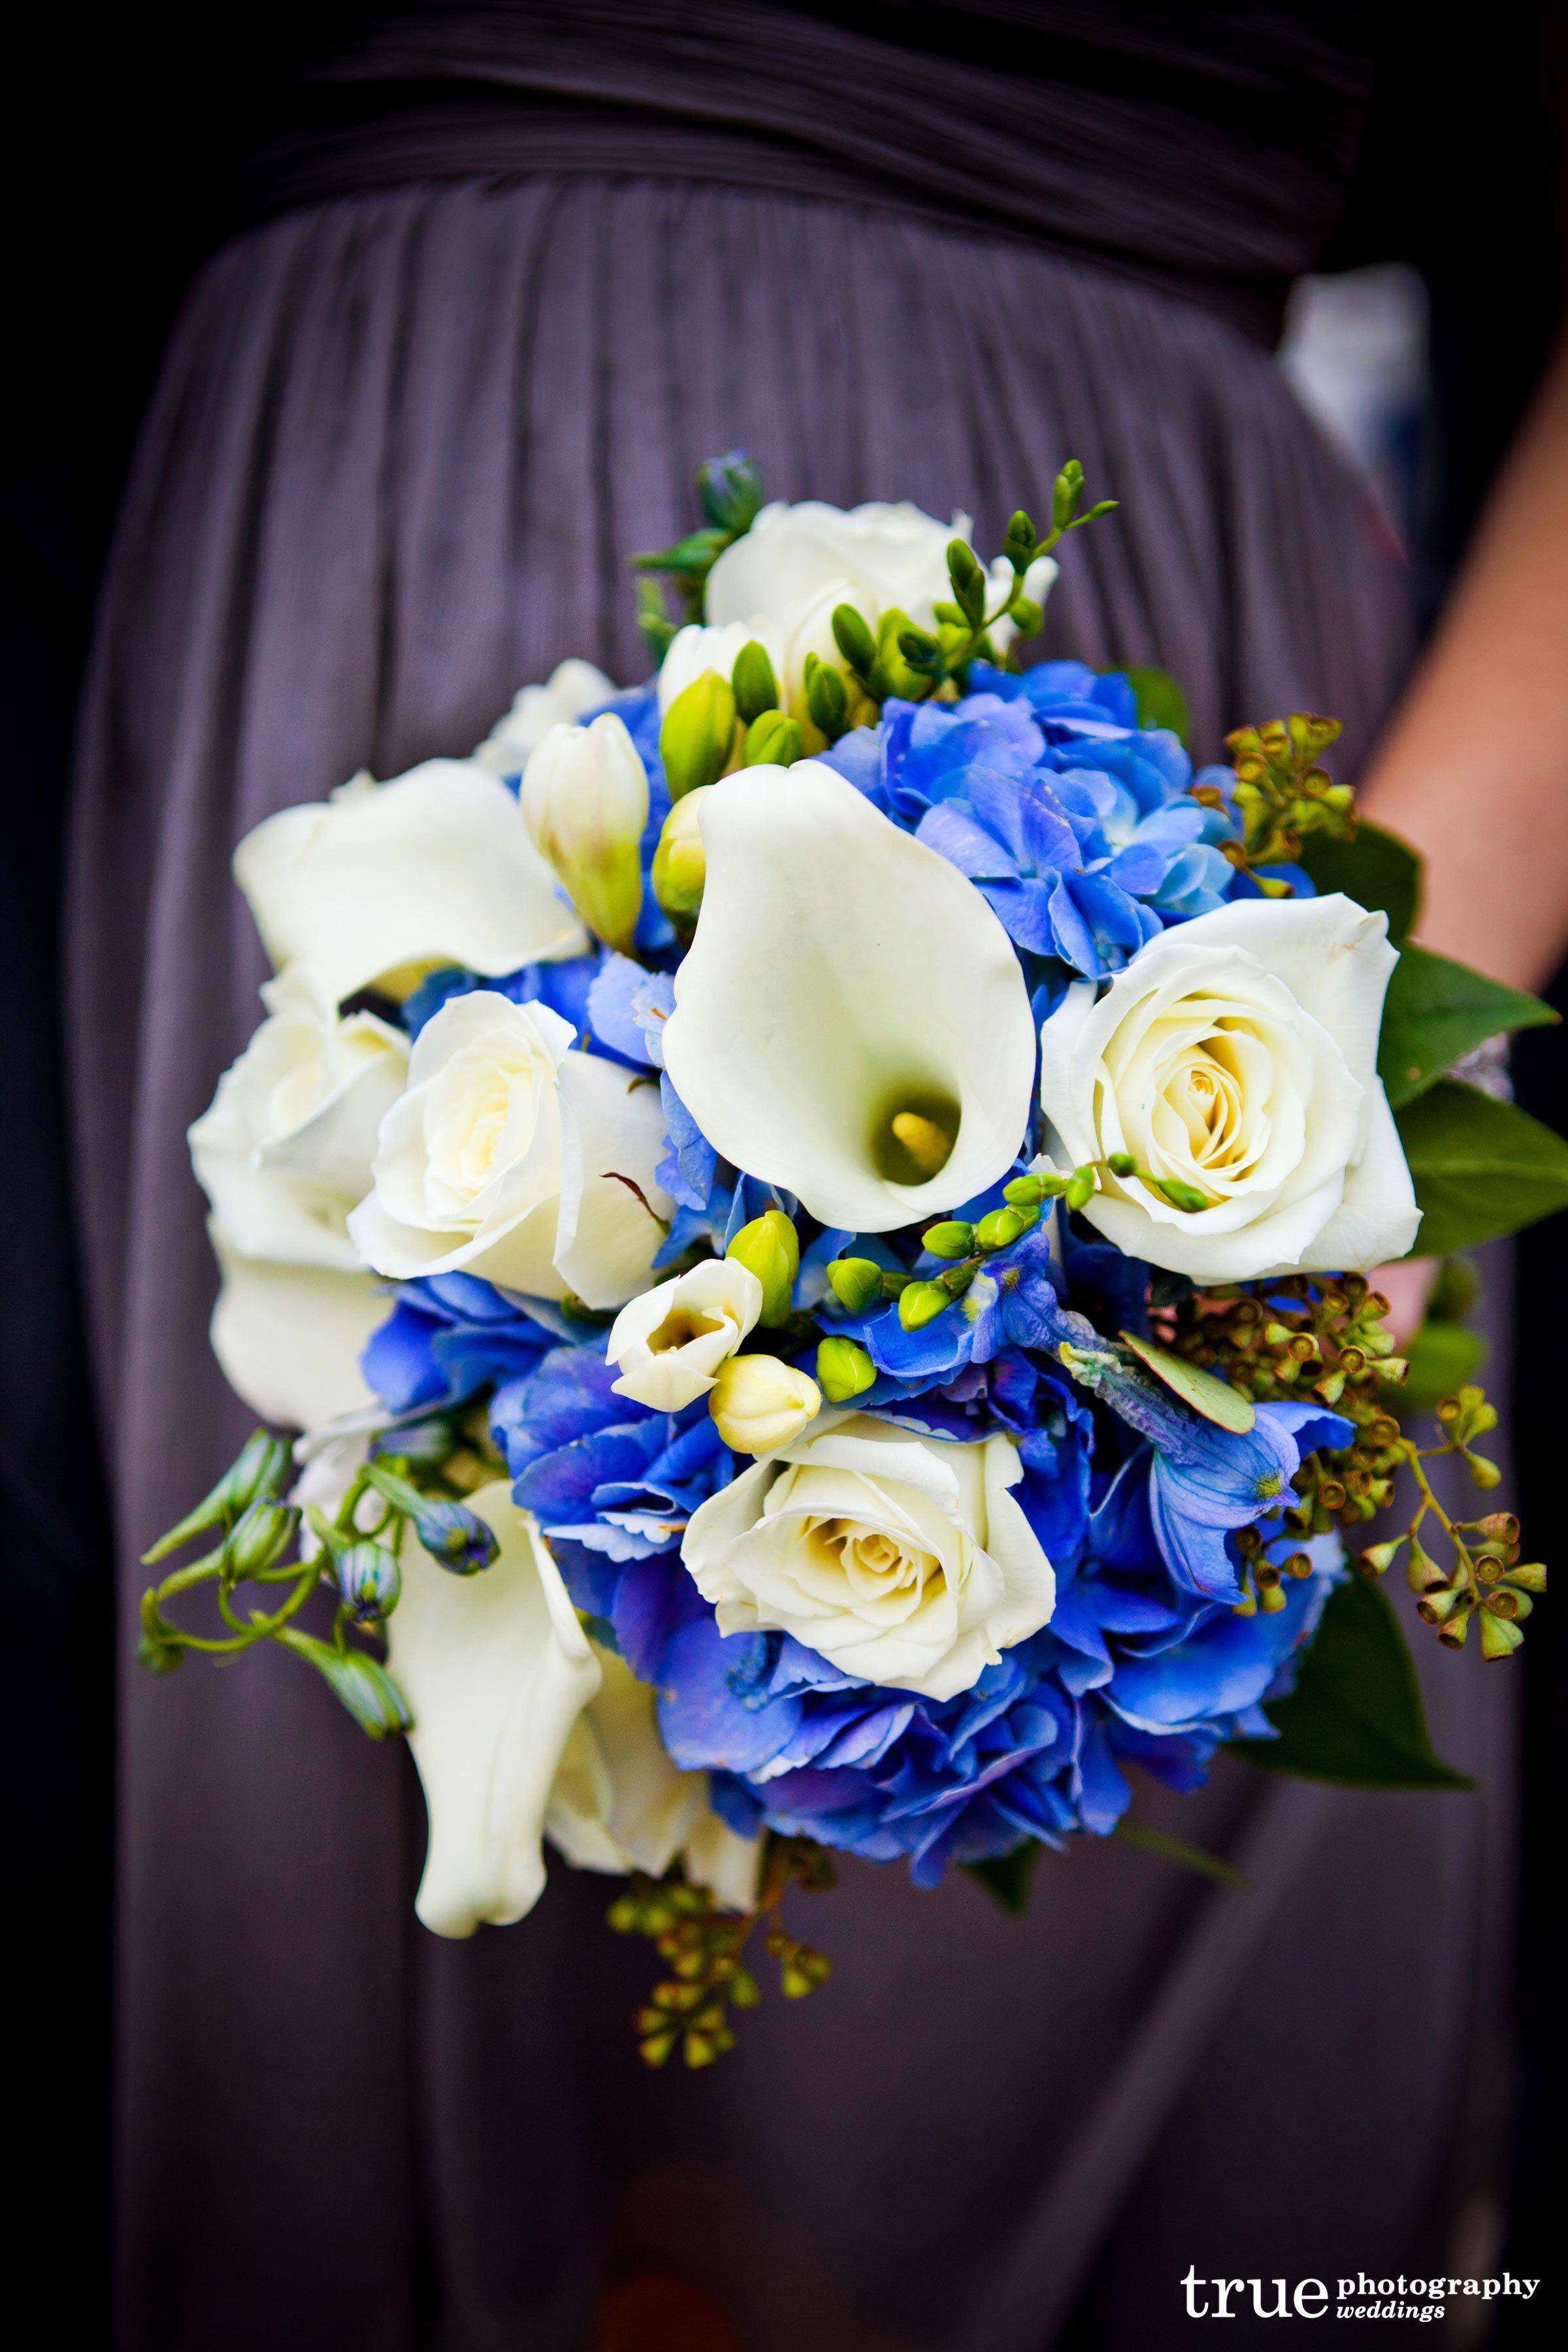 White and blue wedding flowers on bouquets were made of beautiful white and blue wedding flowers on bouquets were made of beautiful white roses white freesias white izmirmasajfo